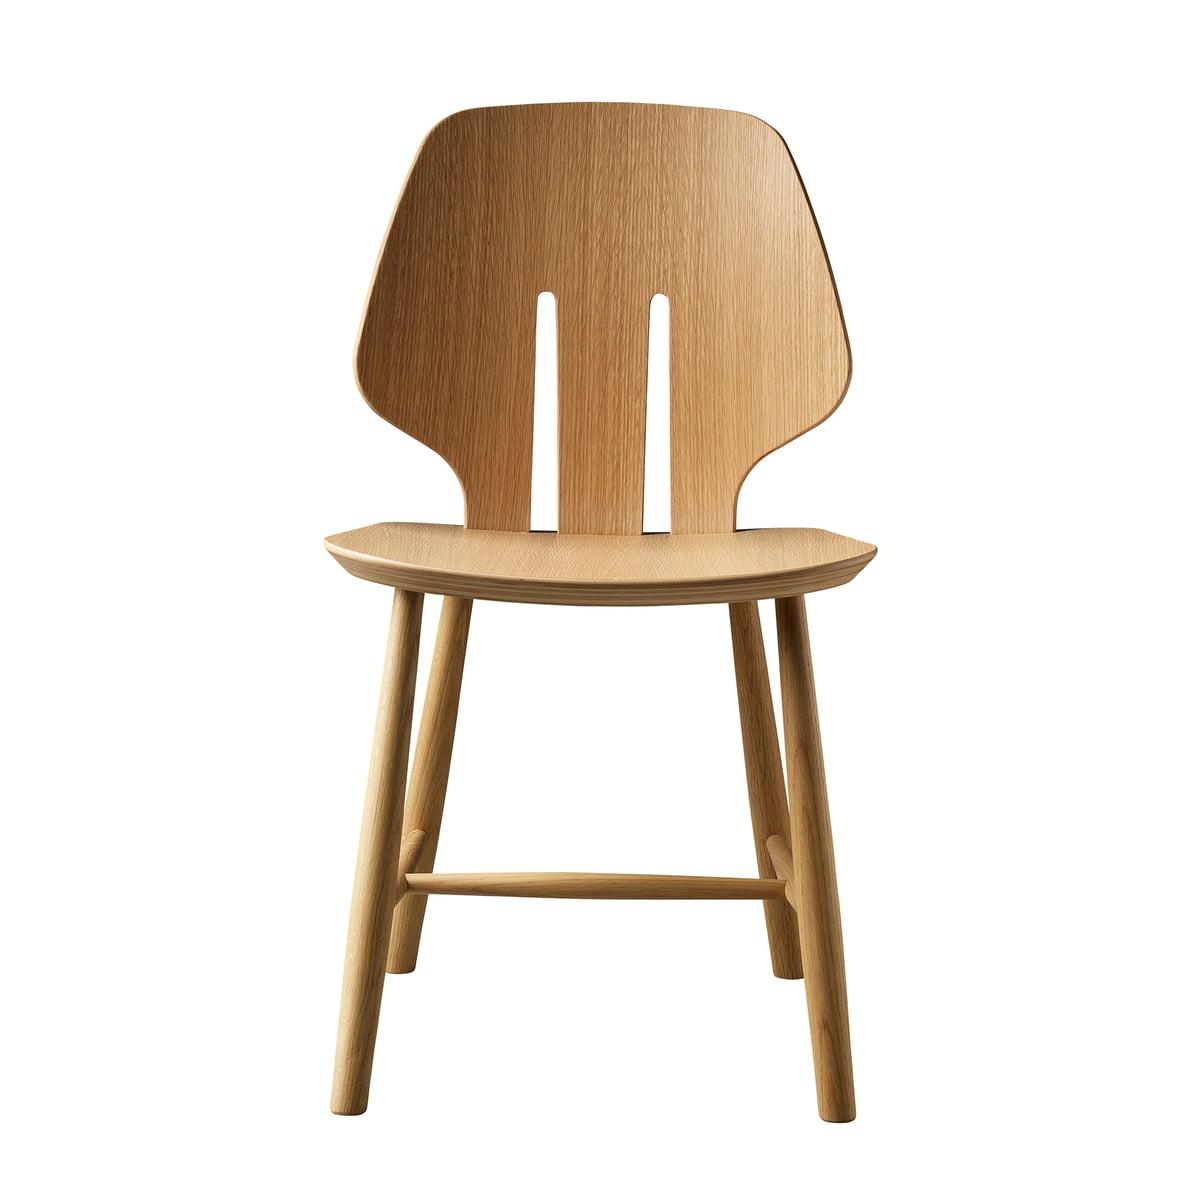 Pour b/éb/é et enfant R/éhausseur de si/ège pour enfant Chaise pliante portable avec tissu Oxford imperm/éable XD7 Chaise de salle /à manger pour b/éb/é Gris